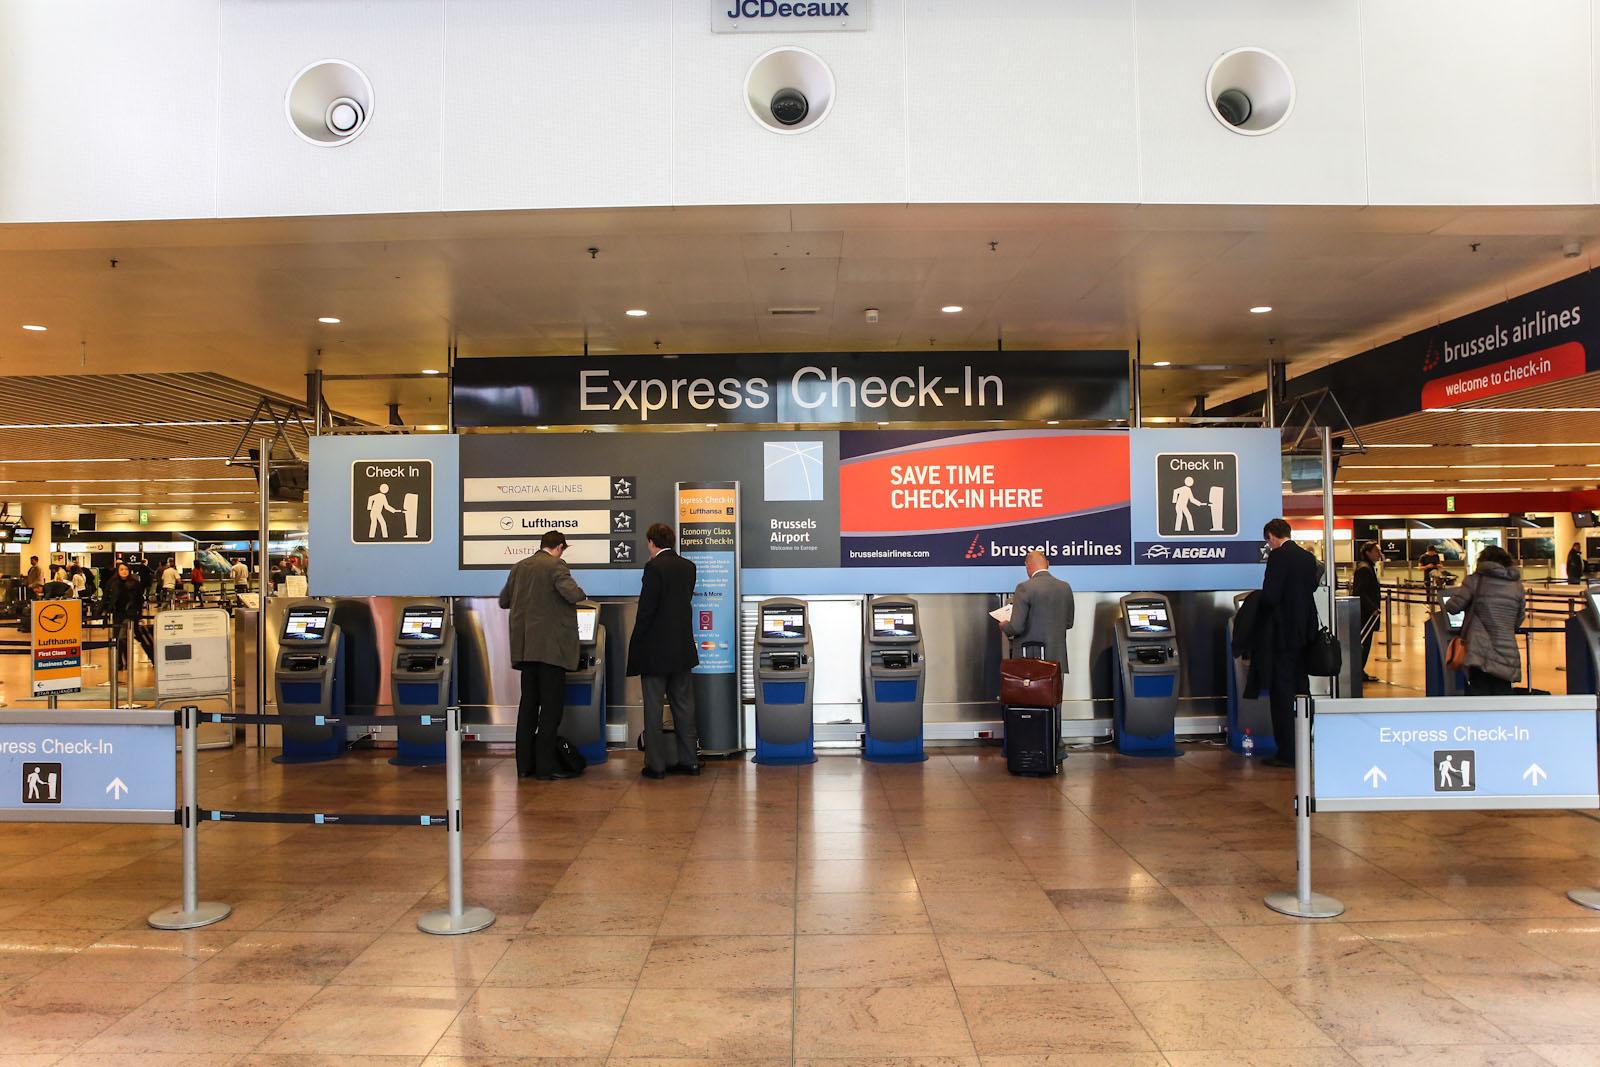 Киоски самостоятельной регистрации в аэропорту Брюссель